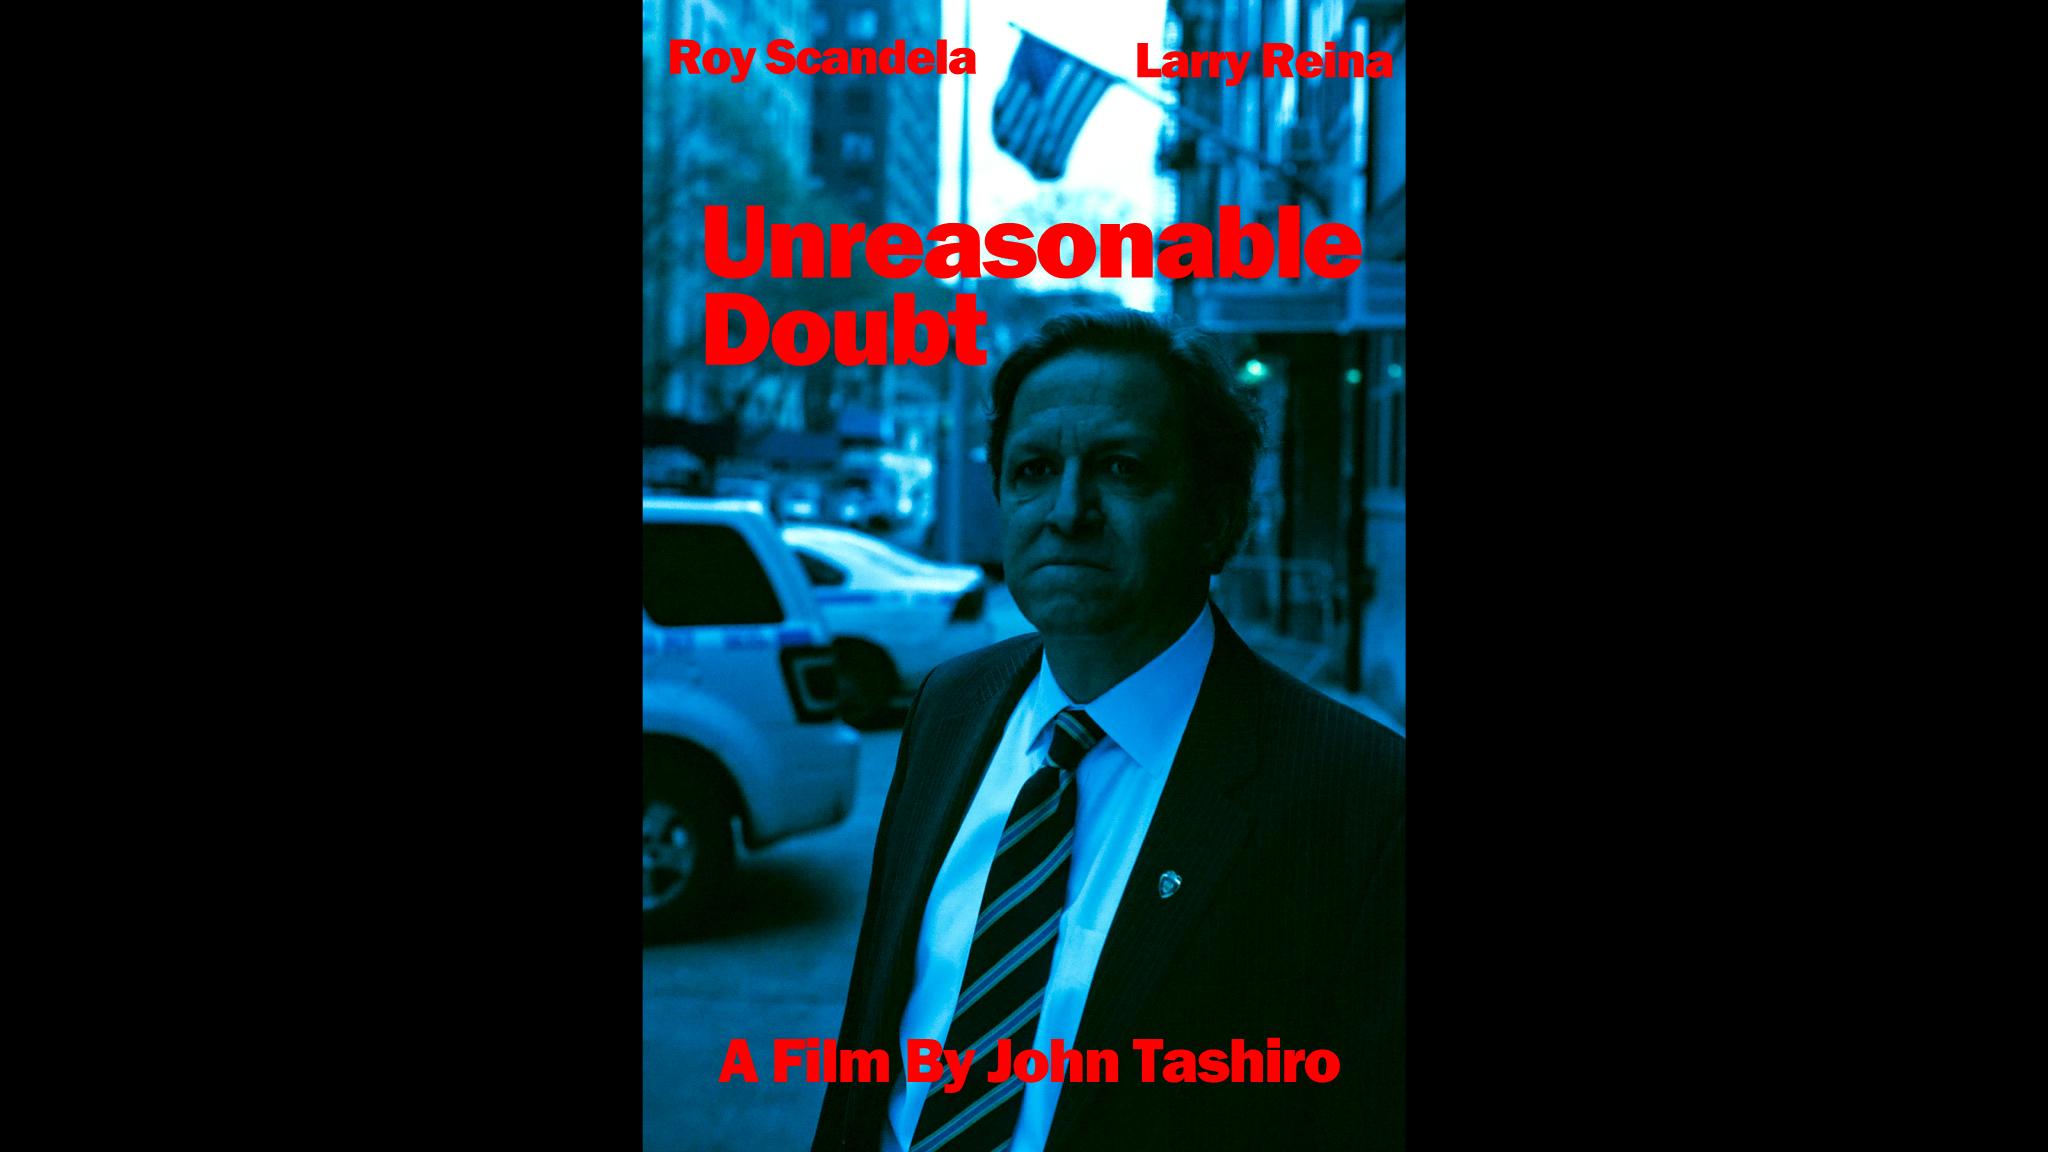 Unreasonable Doubt